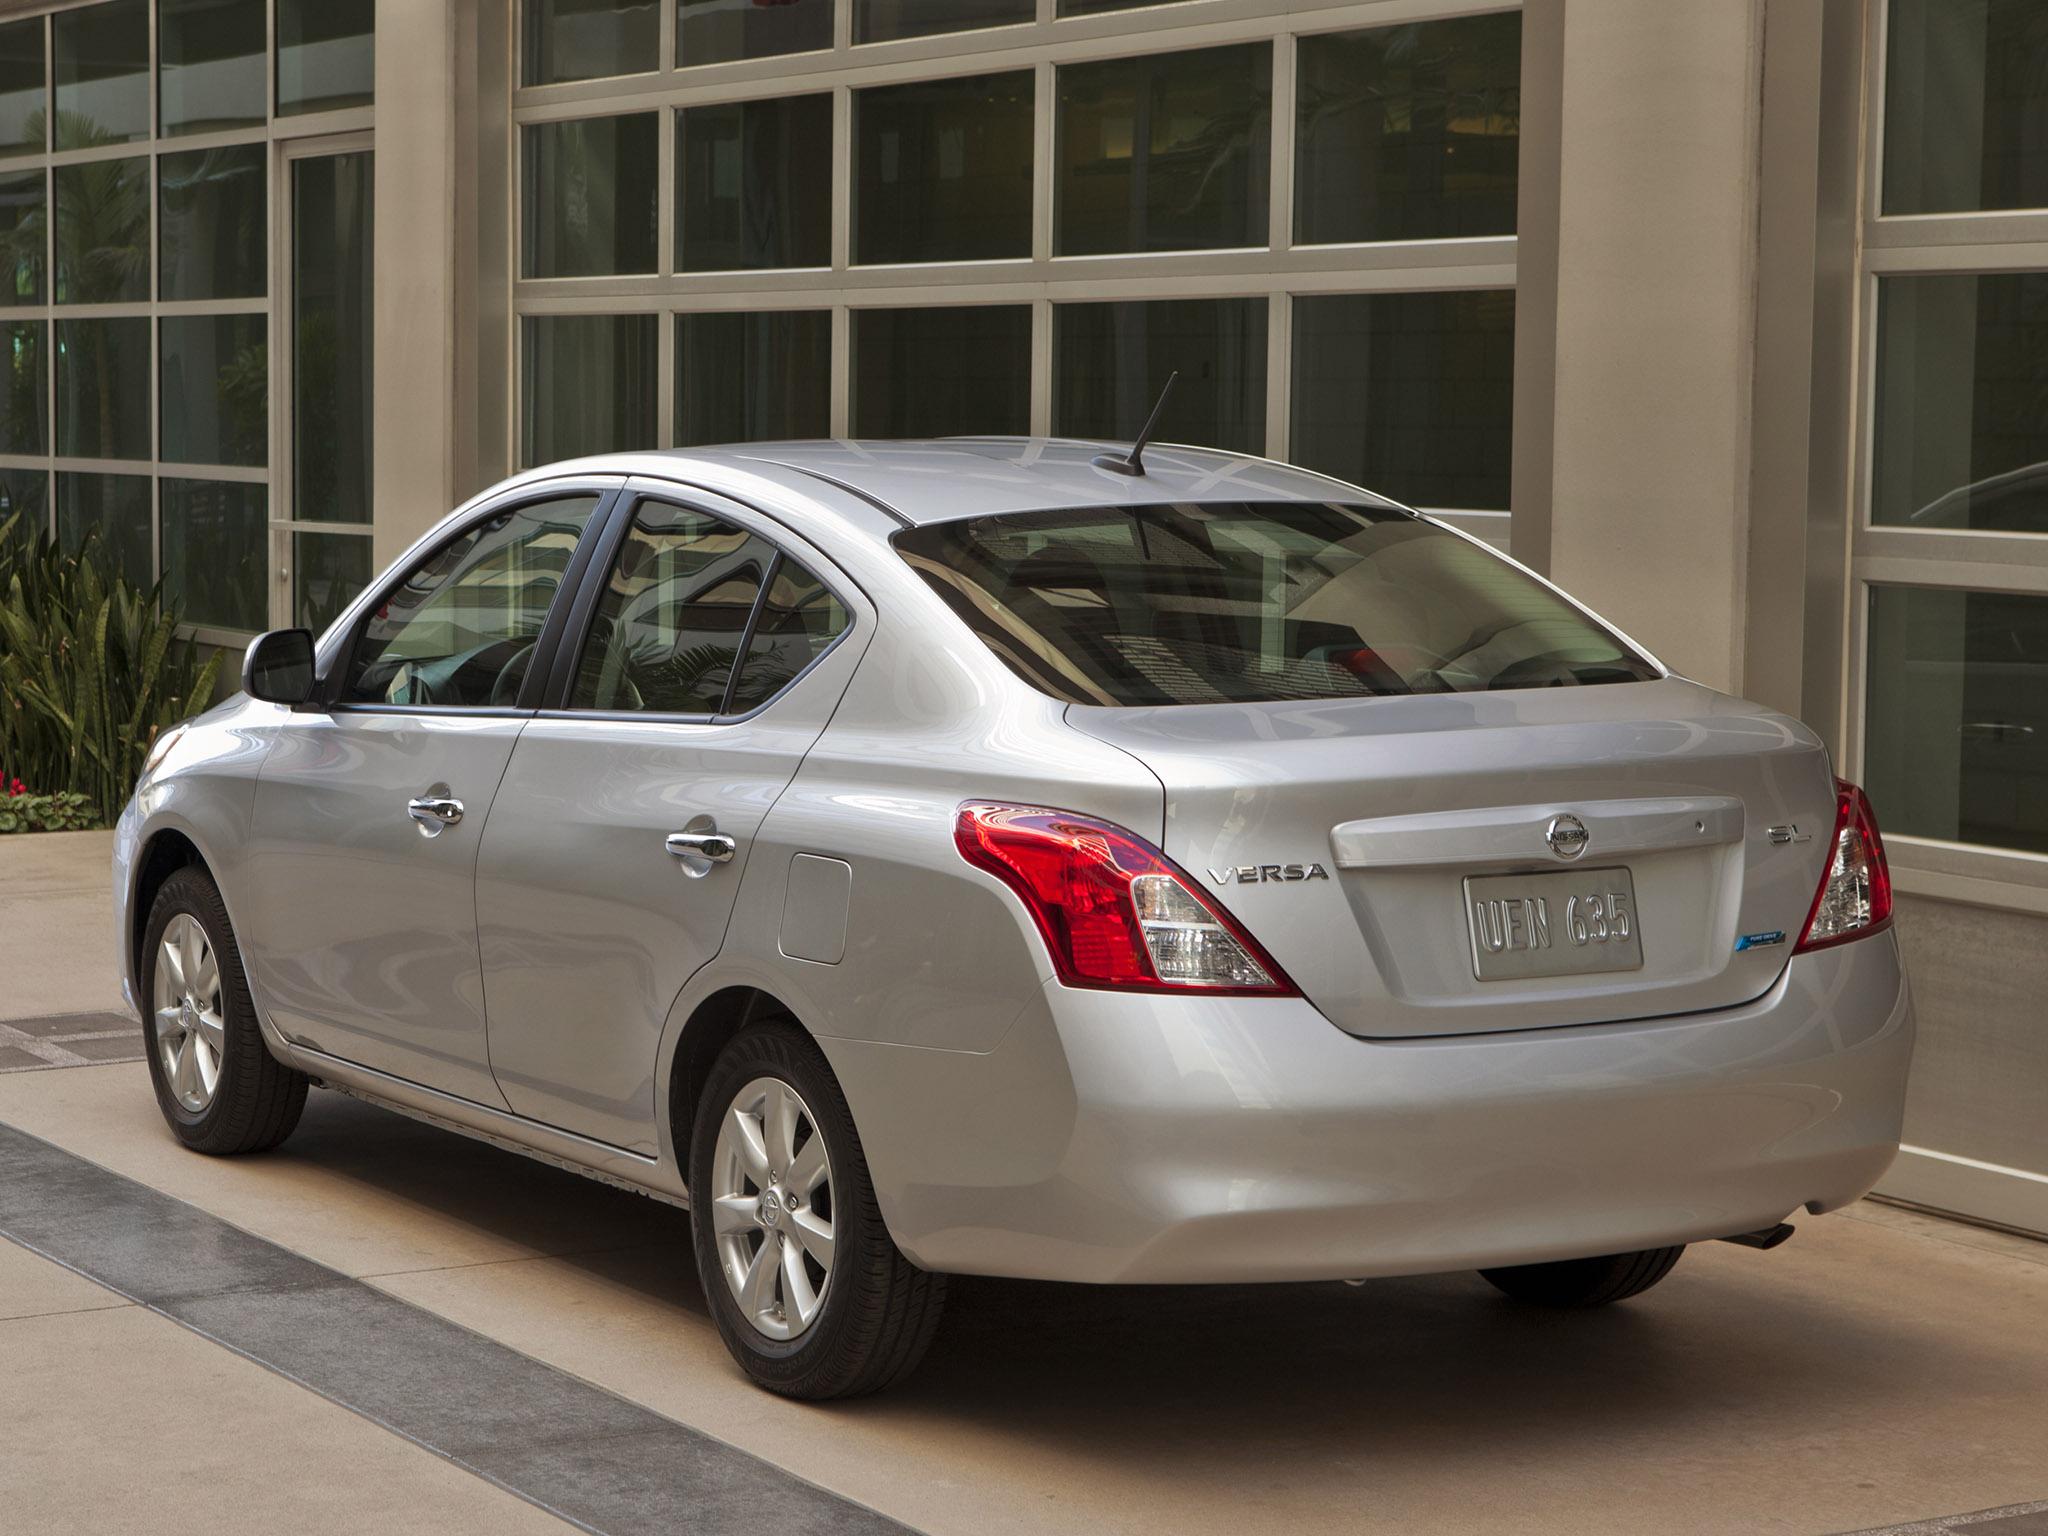 Wallpaper : Nissan, 2013, Sedan, netcarshow, netcar, car images, car ...